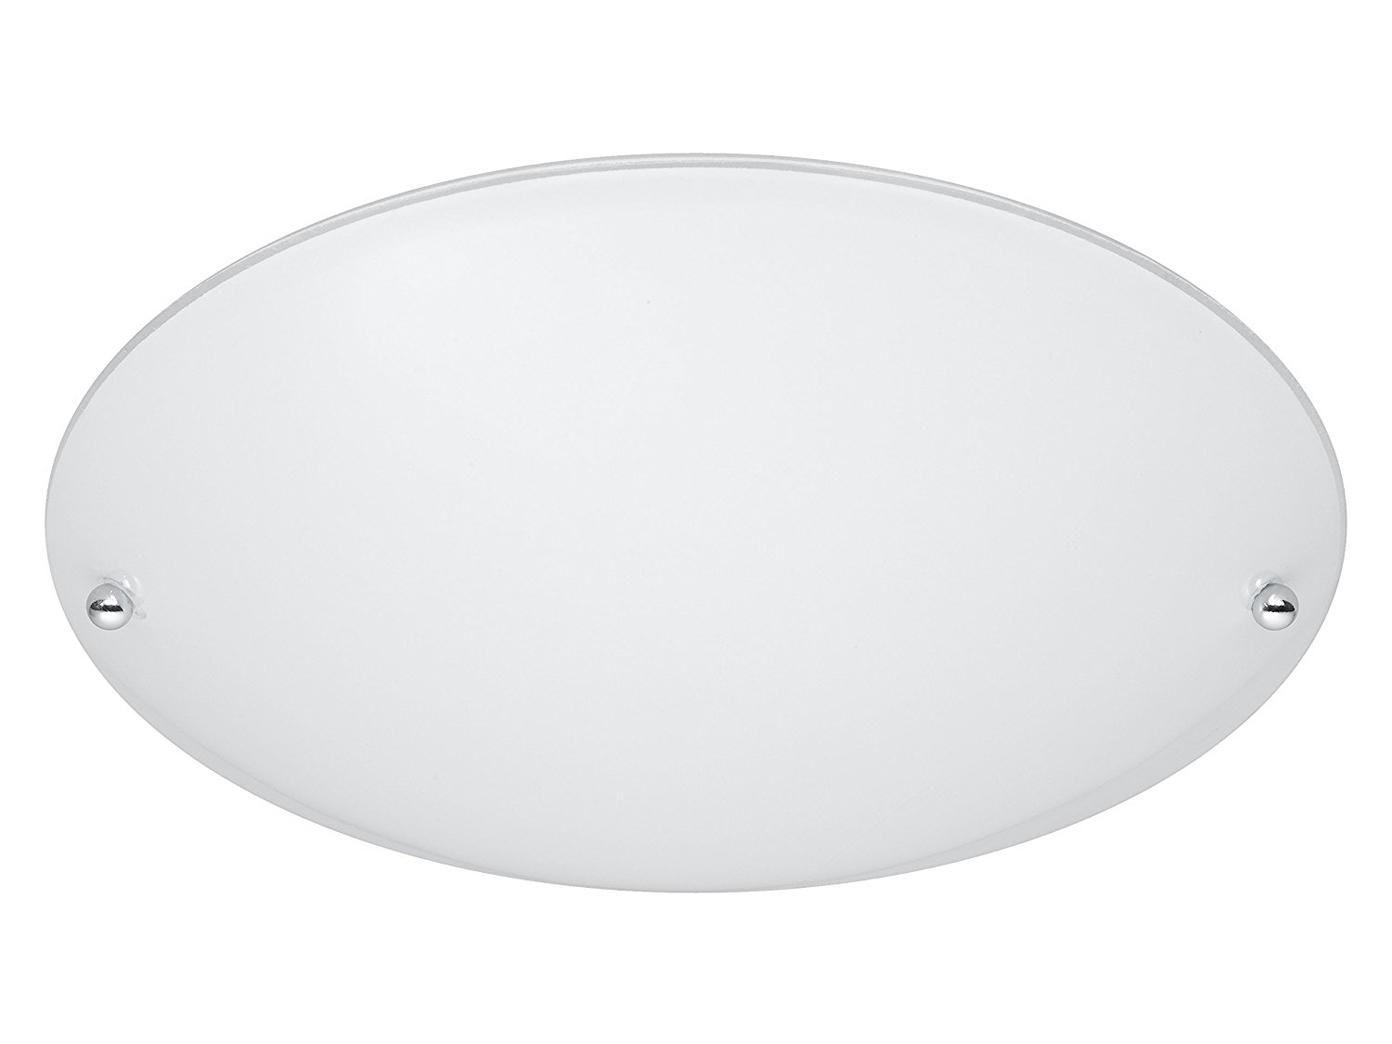 Deckenleuchte Deckenschale Ø 25cm Glas matt weiß, E27 Lampe Decke Wohnraum